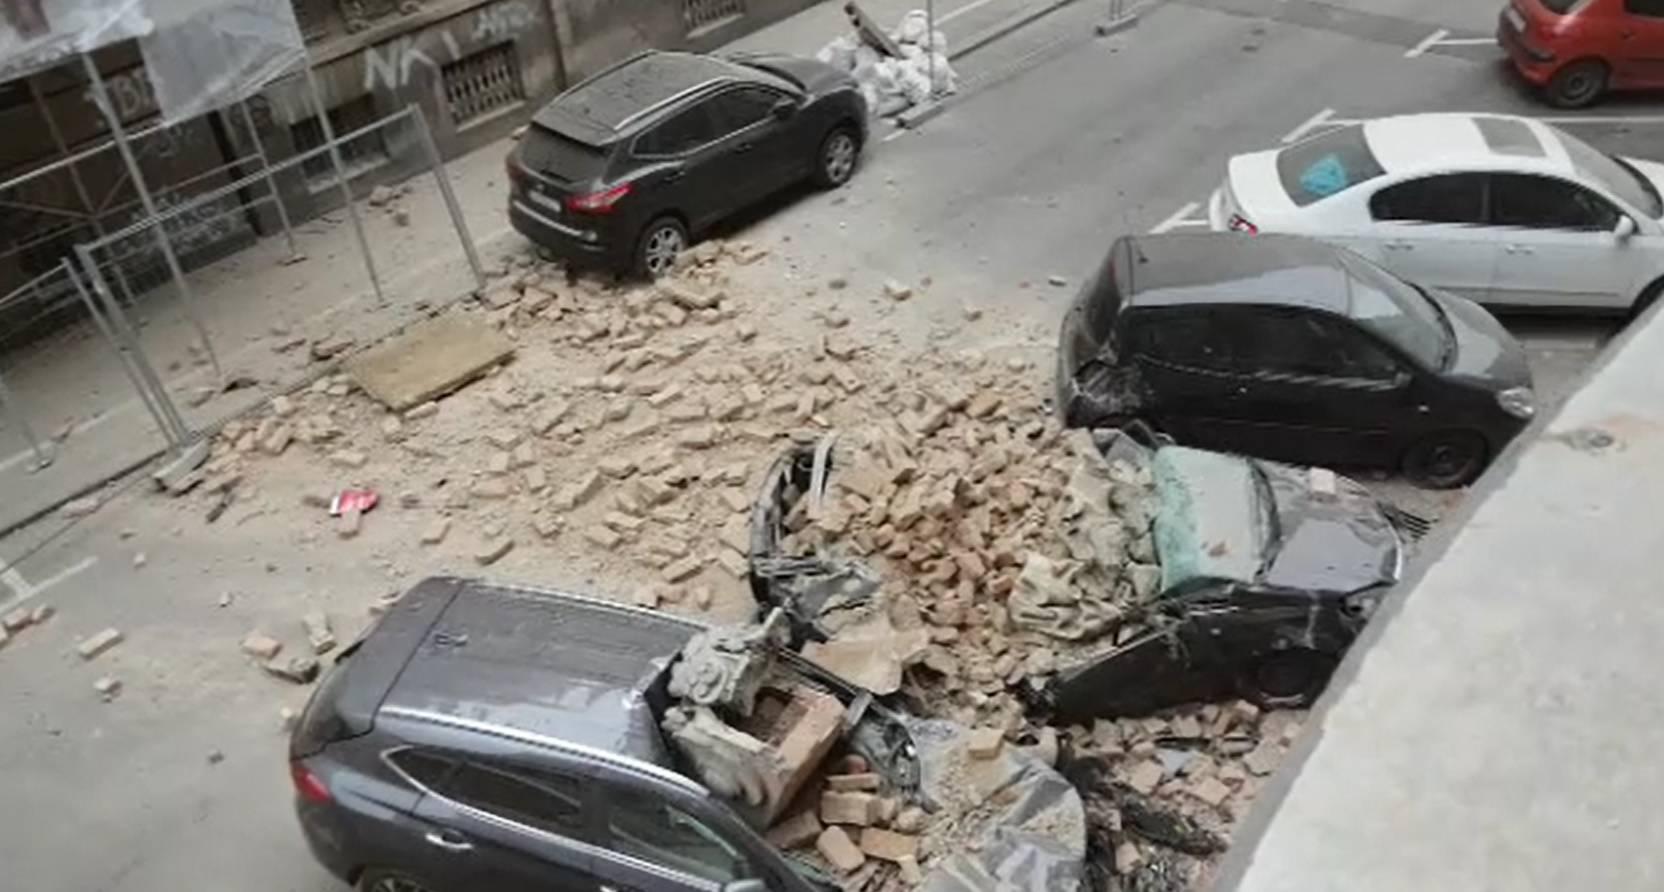 Provjerite si osiguranja, kasko ne pokriva štete od potresa